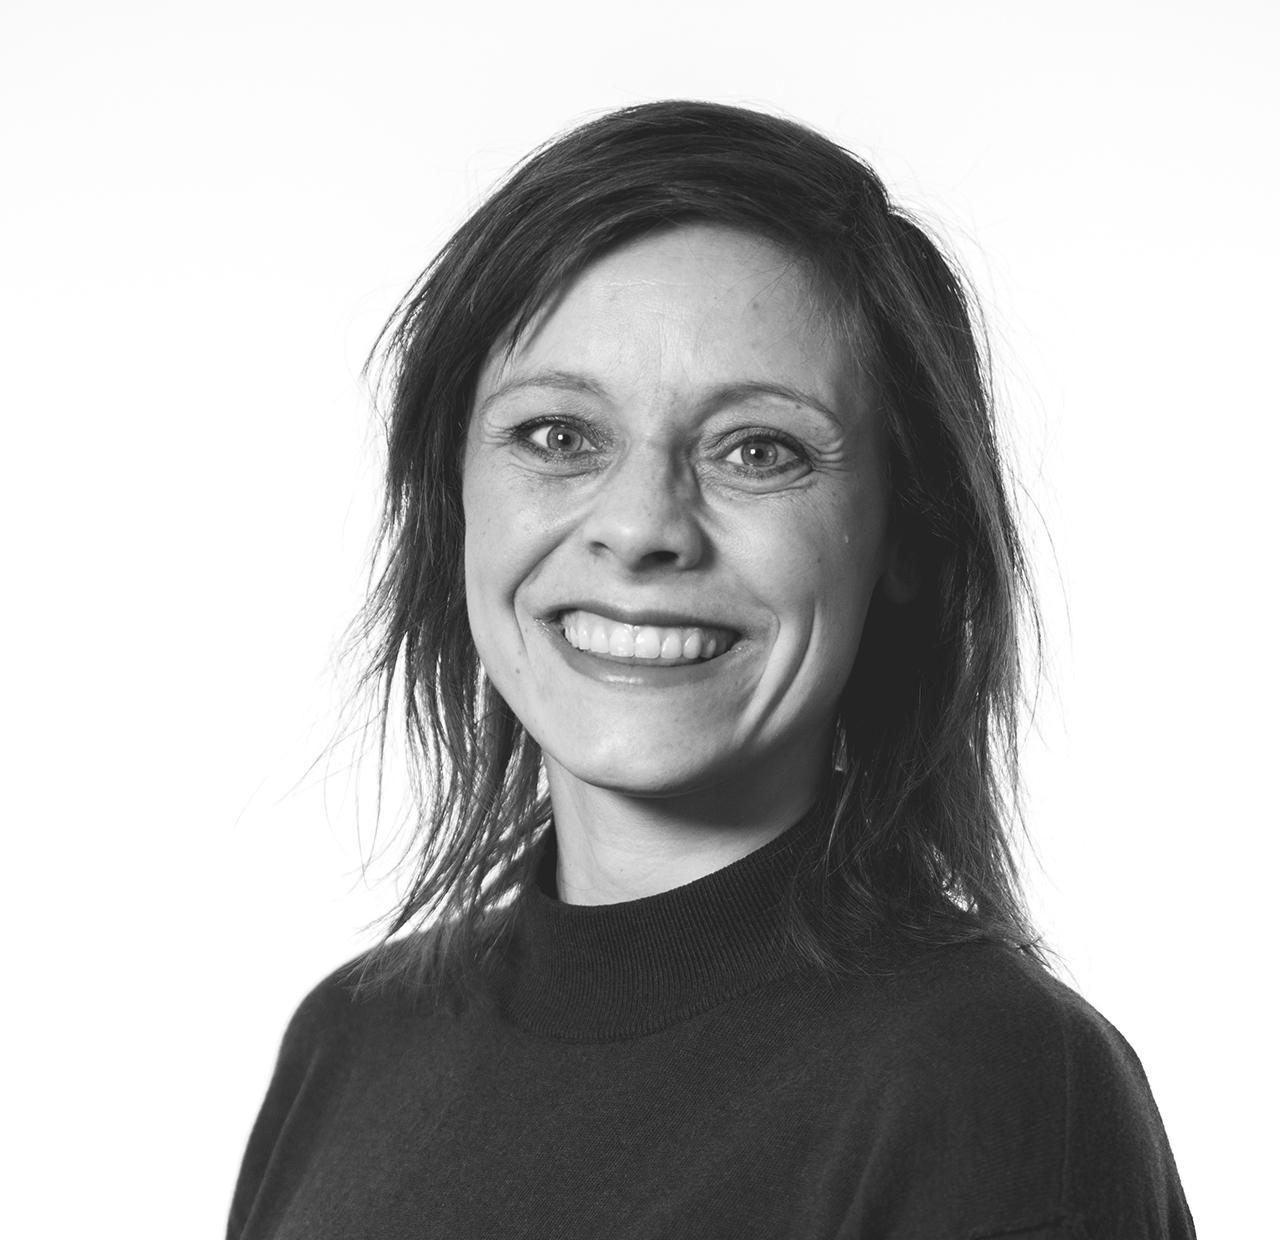 Ingrid Kristine Aspli